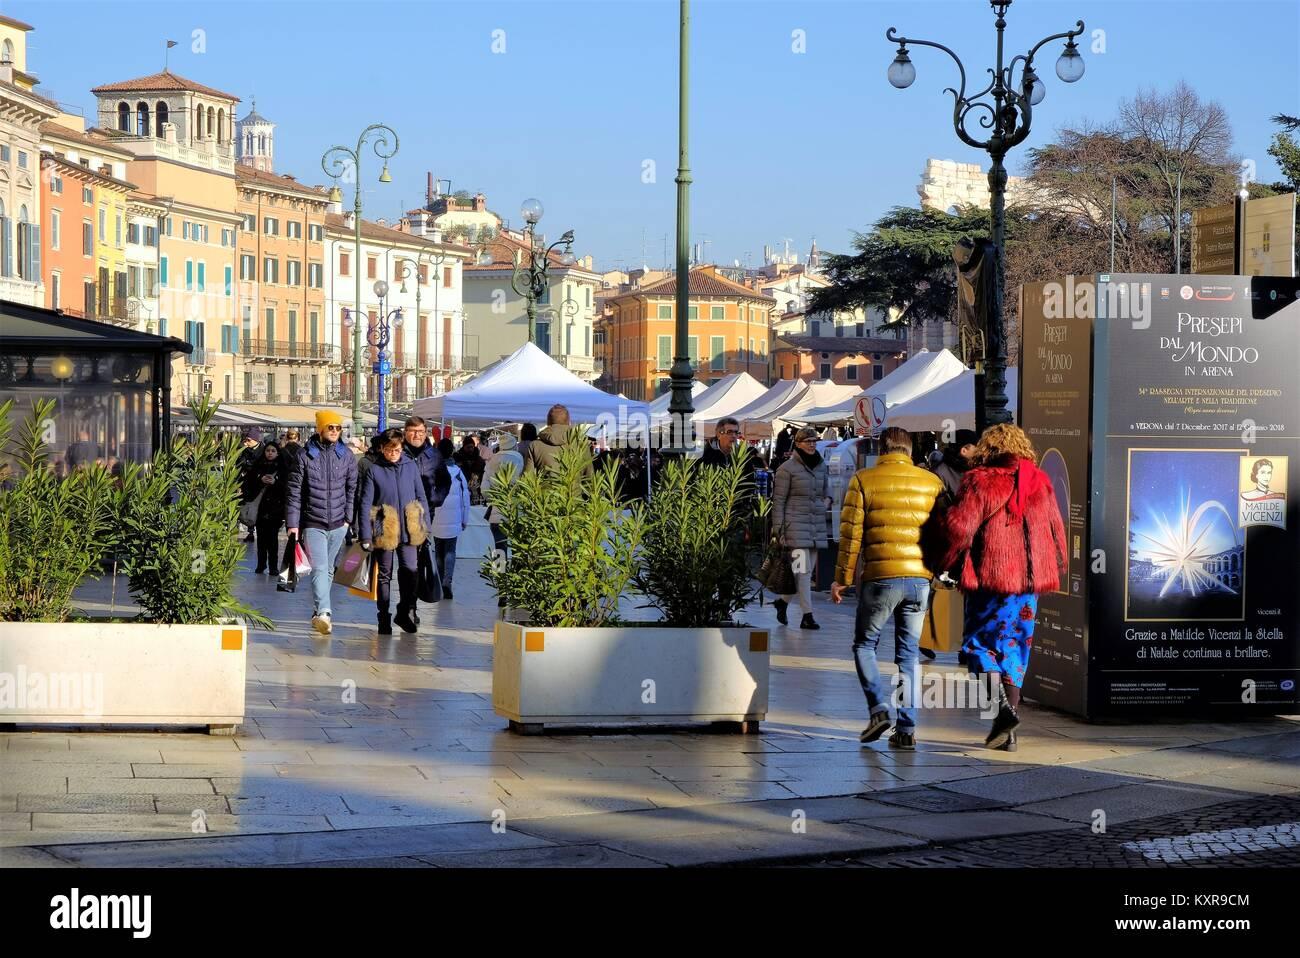 Liston square, Piazza Bra, Verona, Veneto region, Italy. People shopping at the Xmas market - Stock Image